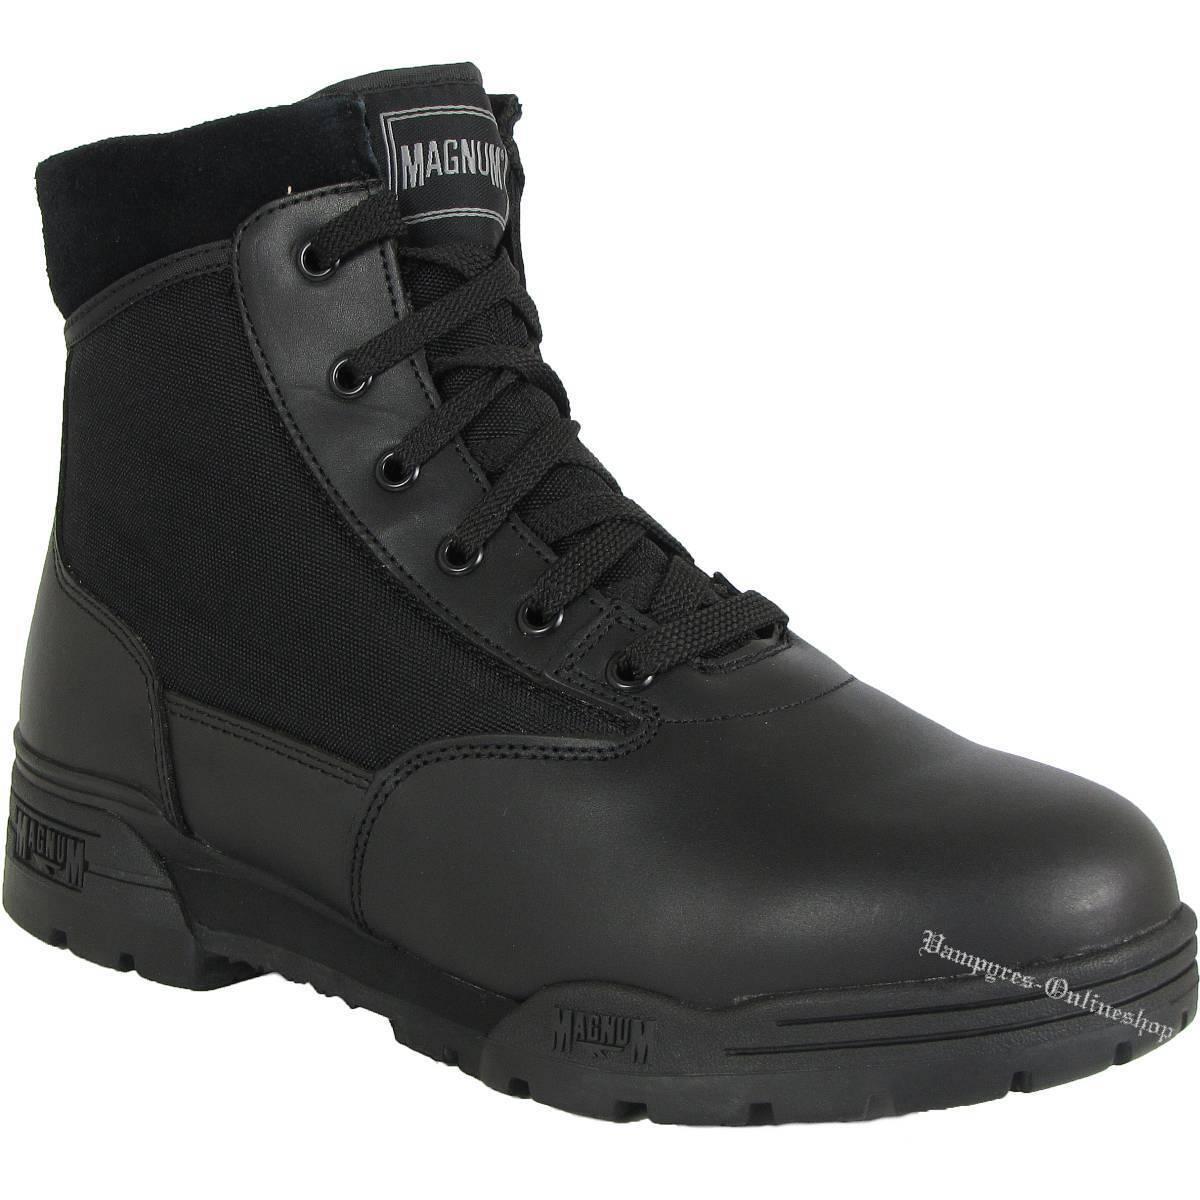 Magnum mid Hi-Tec botas negro botas Classic Security zapatos HITEC uniforme